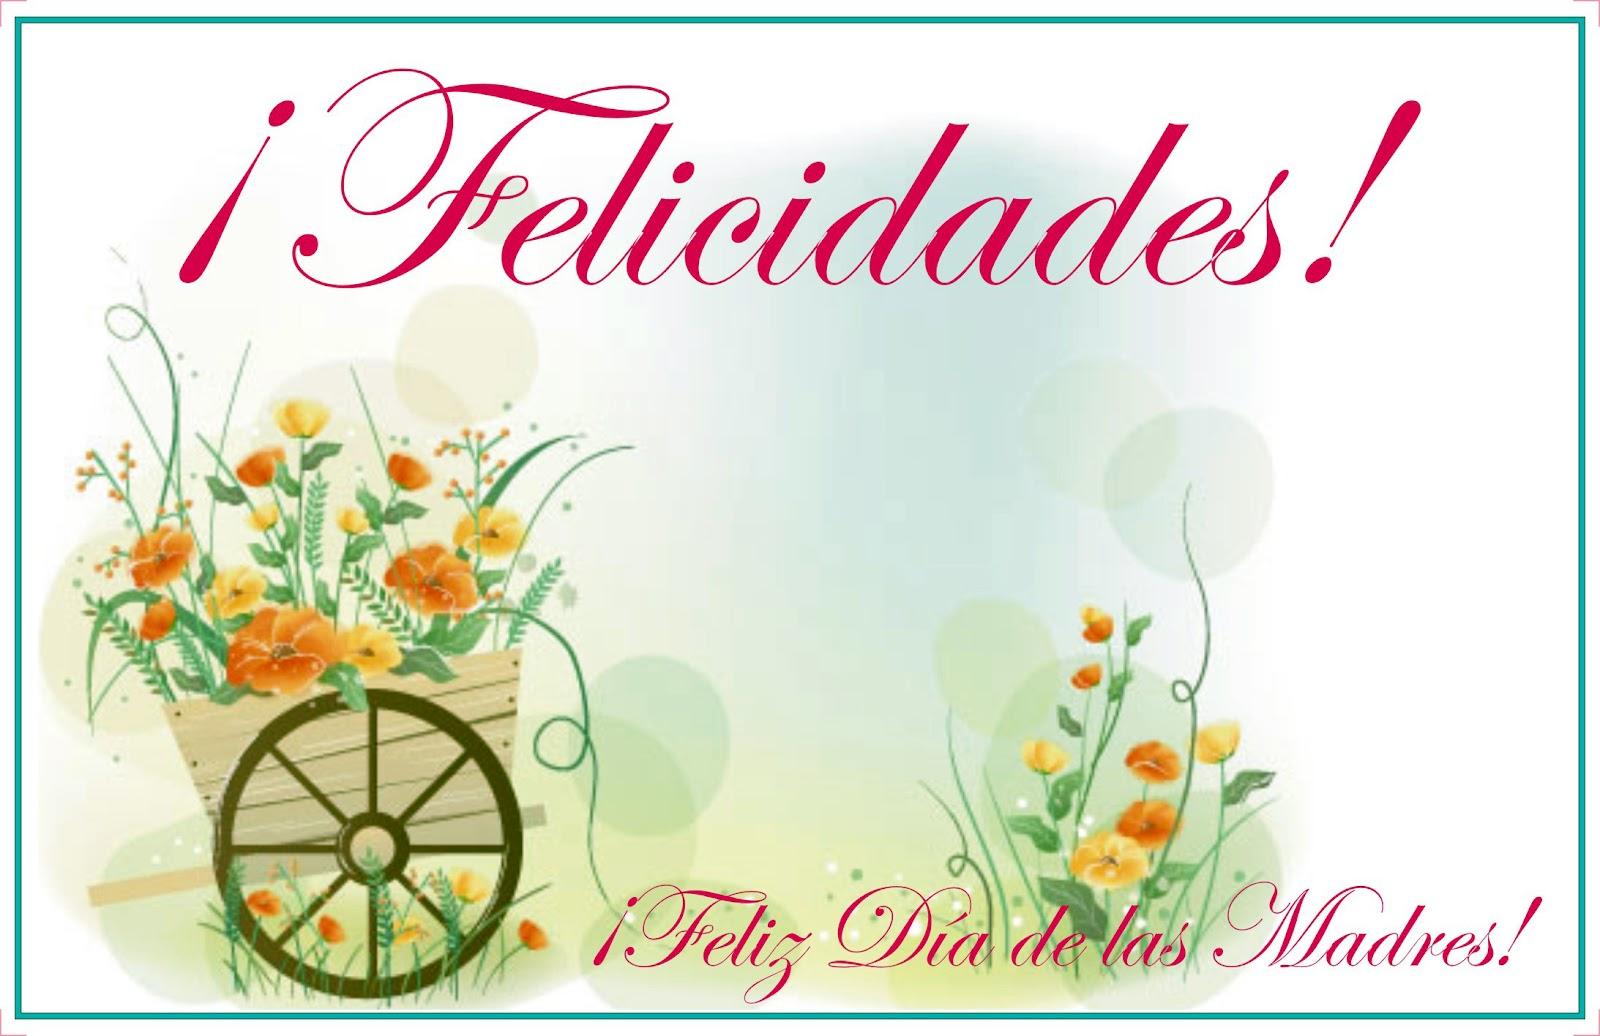 Chat Con Imágenes Y Frases Bonitas Para Amistad: 04/28/13